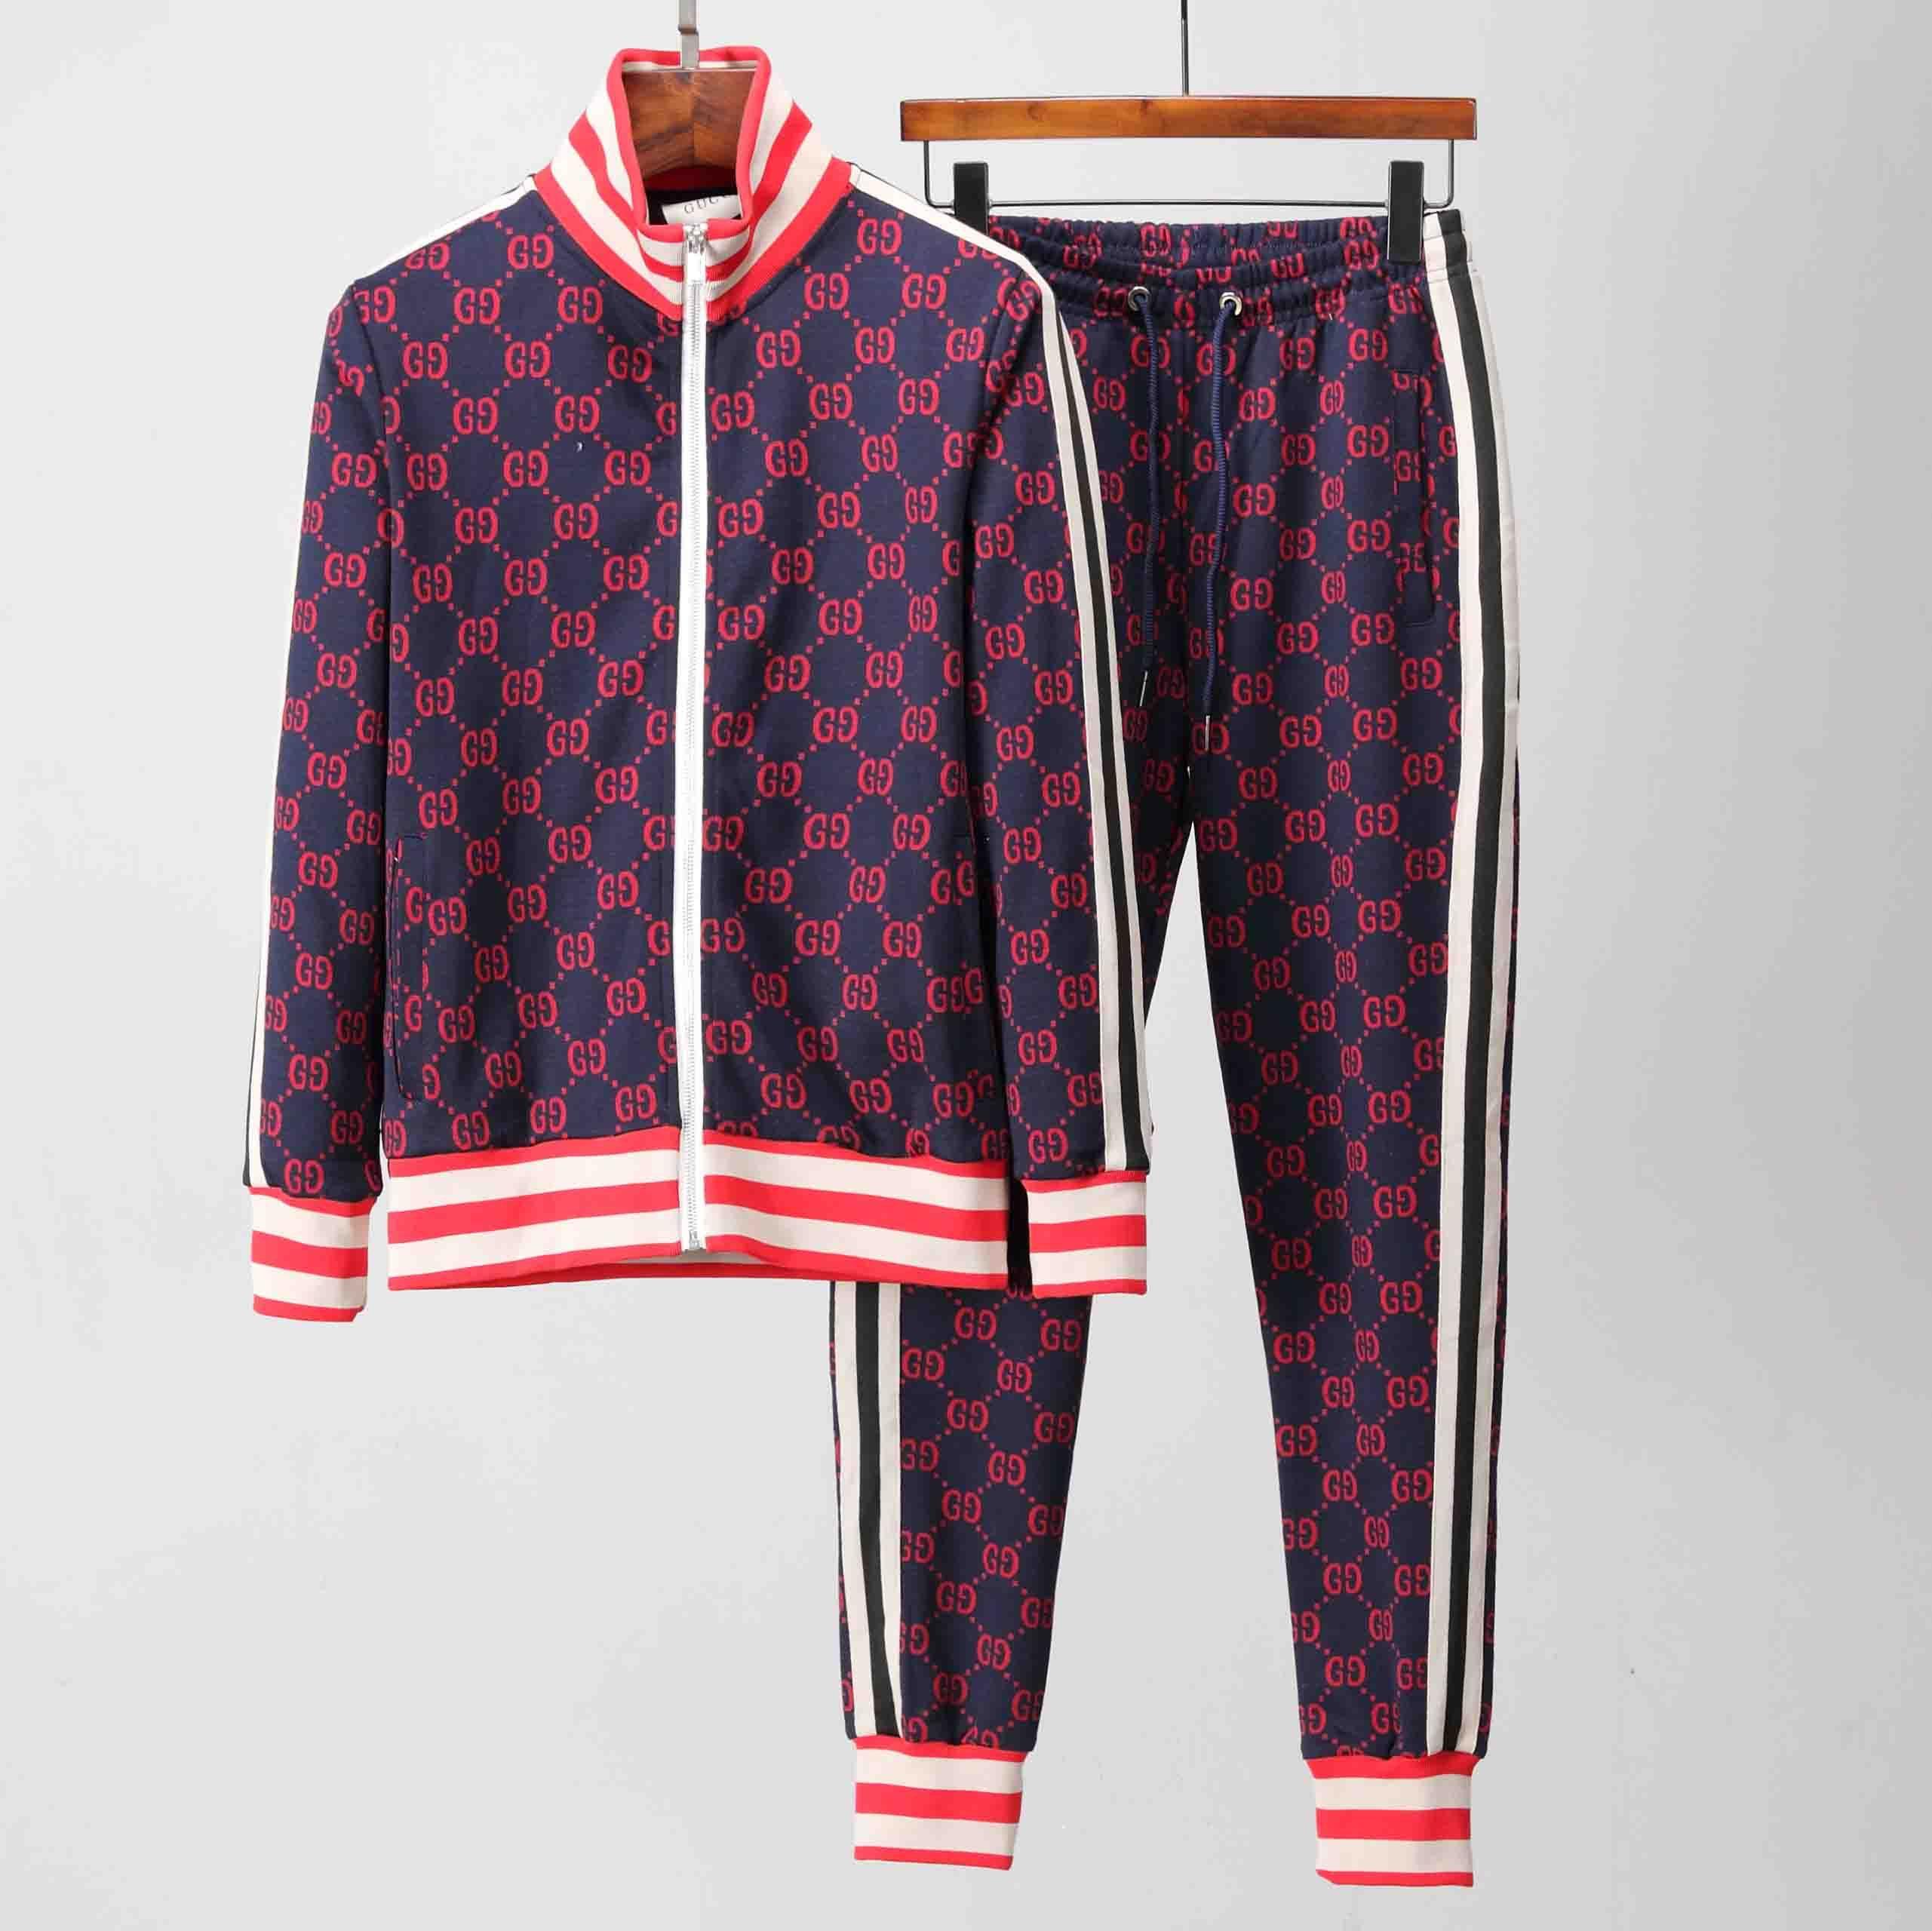 2018 Yeni Eşofman Ceketler Set Moda Koşu Eşofman Erkekler Spor Takım Elbise Mektup baskı Ince Giyim Parça Kiti Medusa Spor M-2X